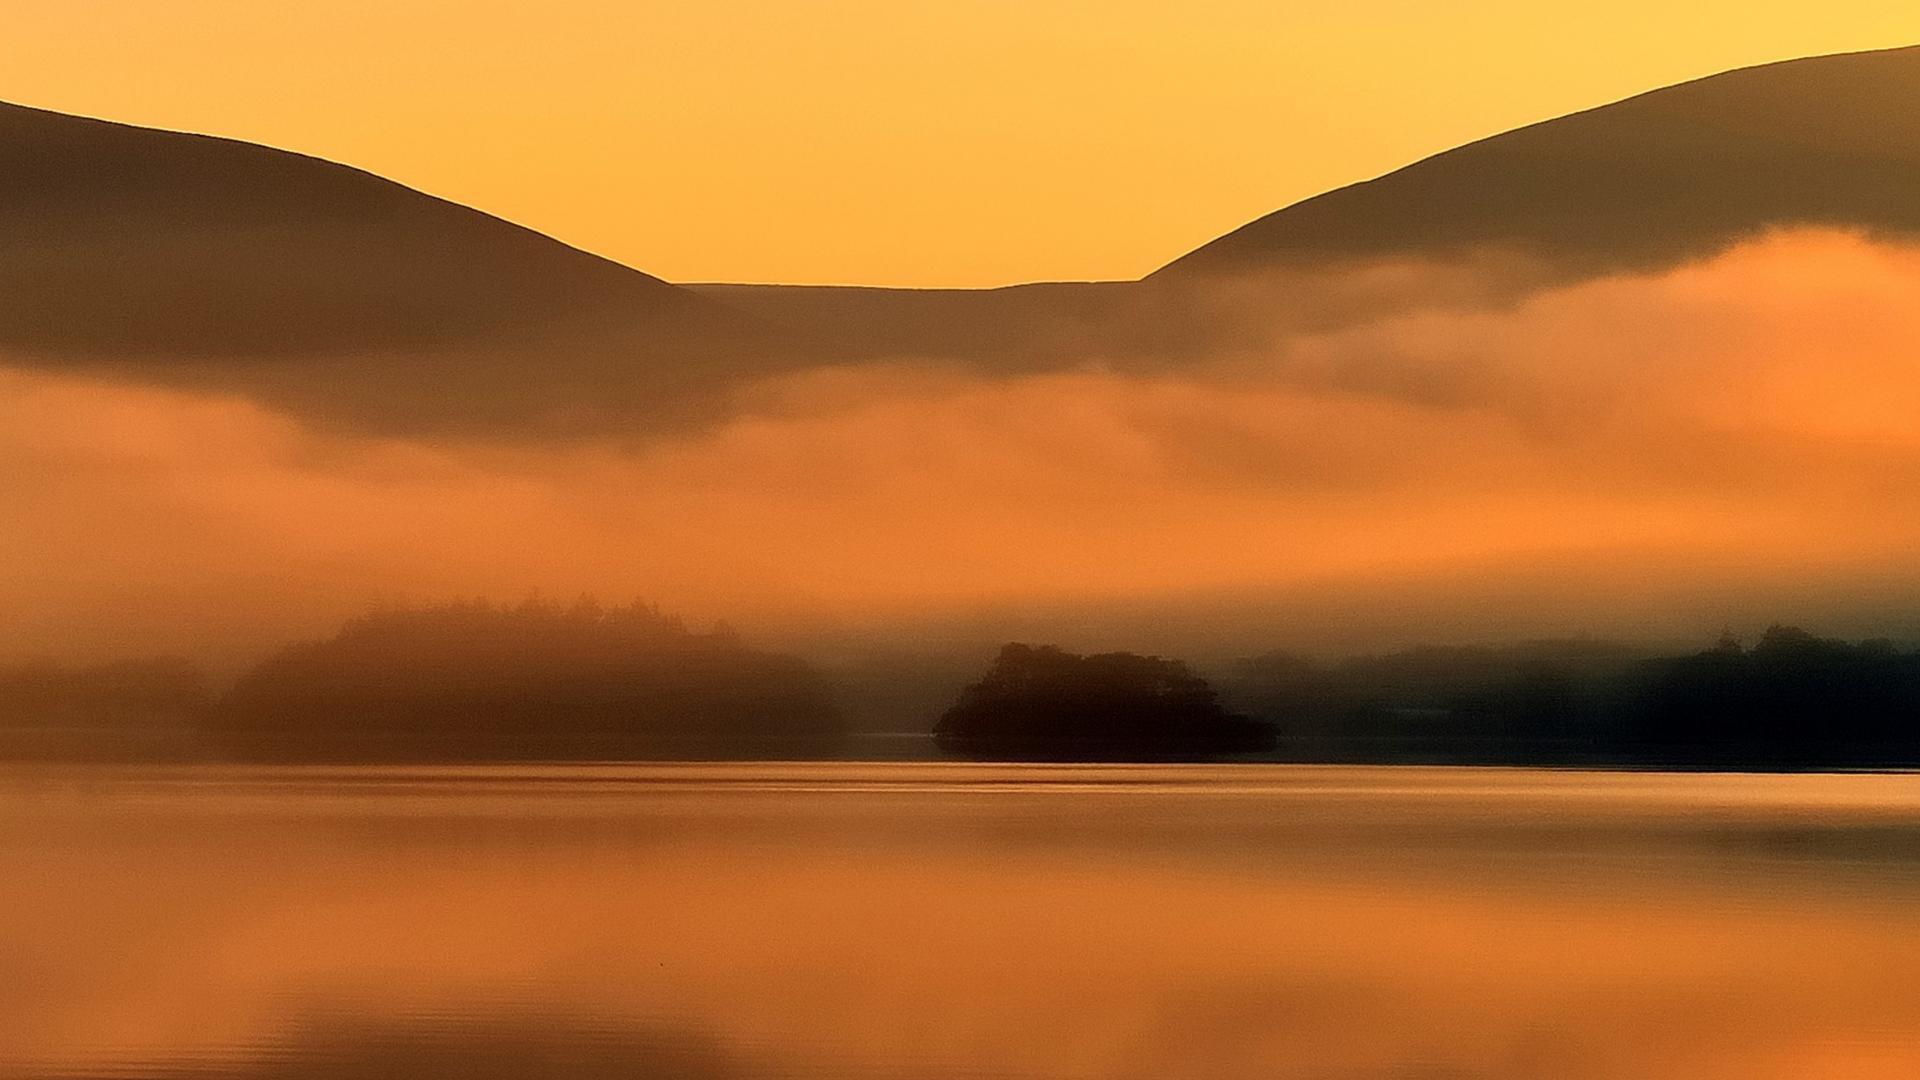 reflections of Derwentwater